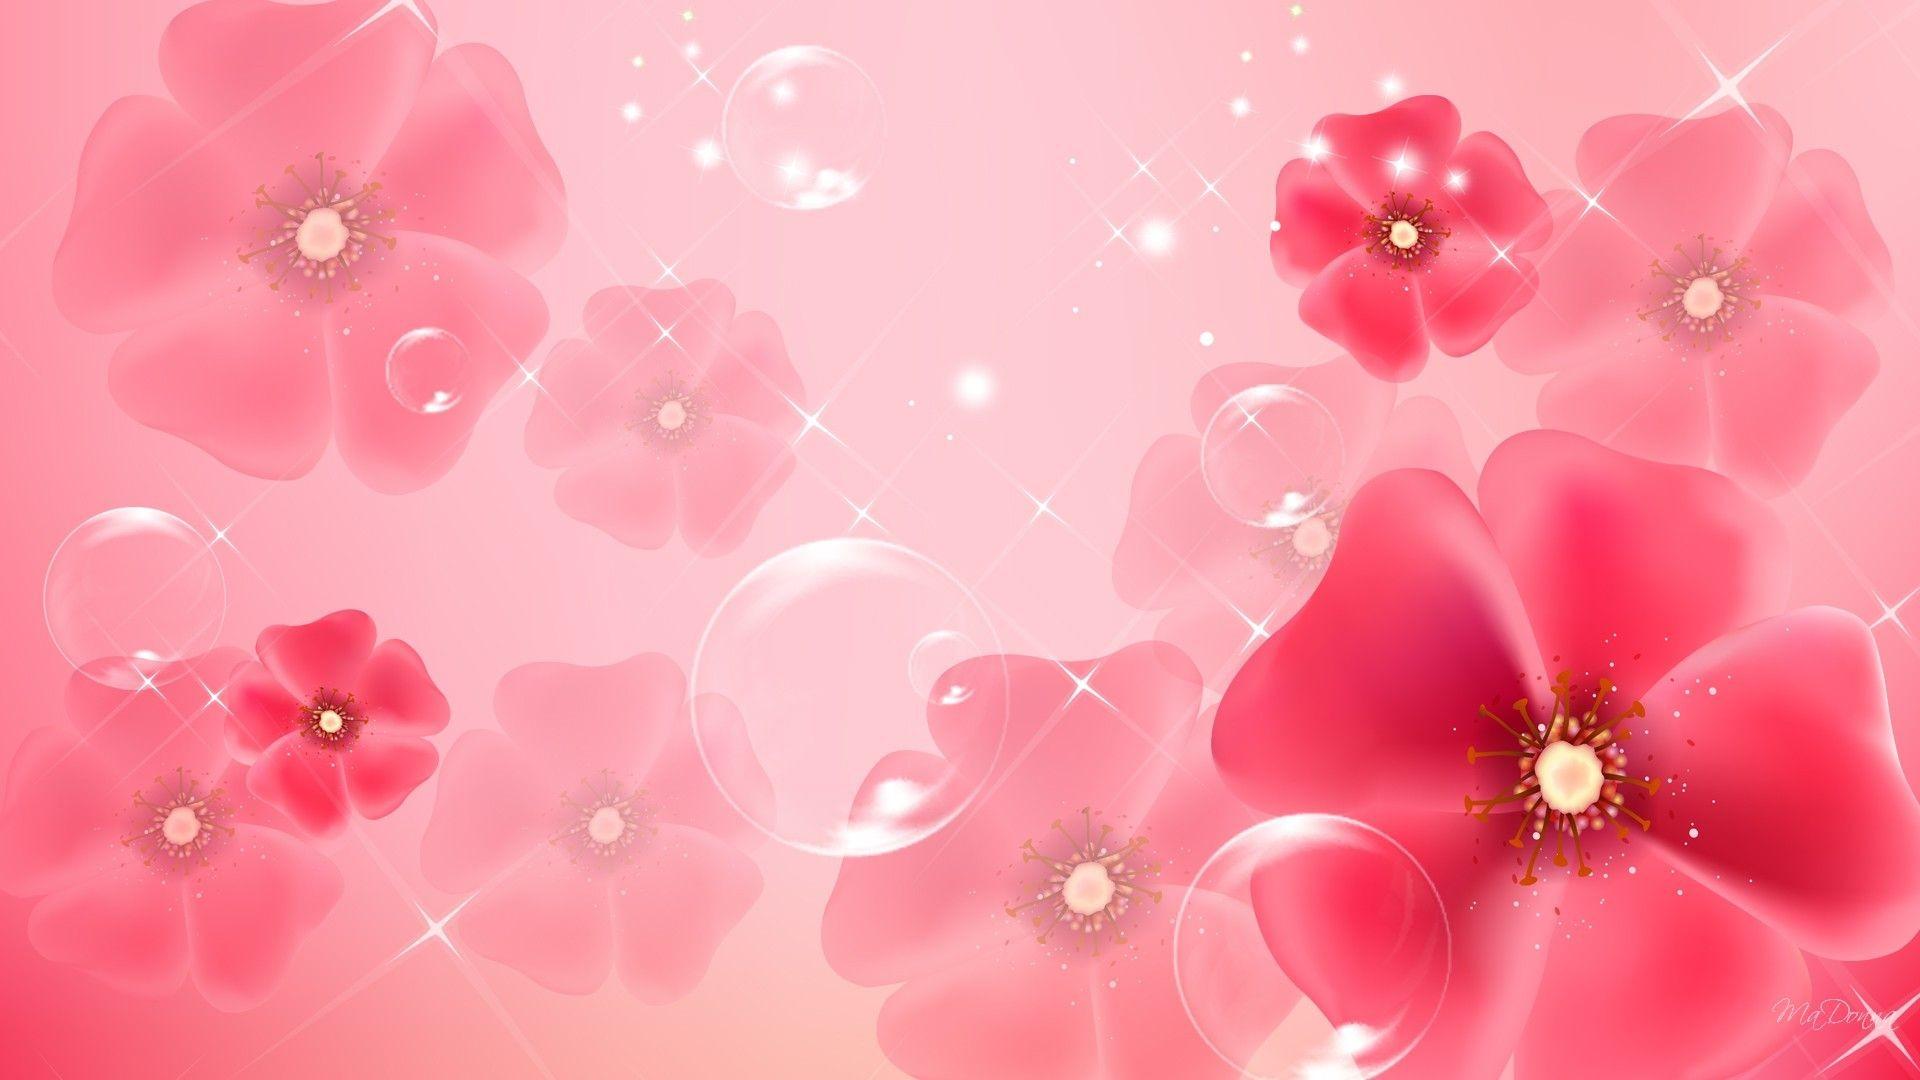 … Light Pink Desktop Wallpapers. Download